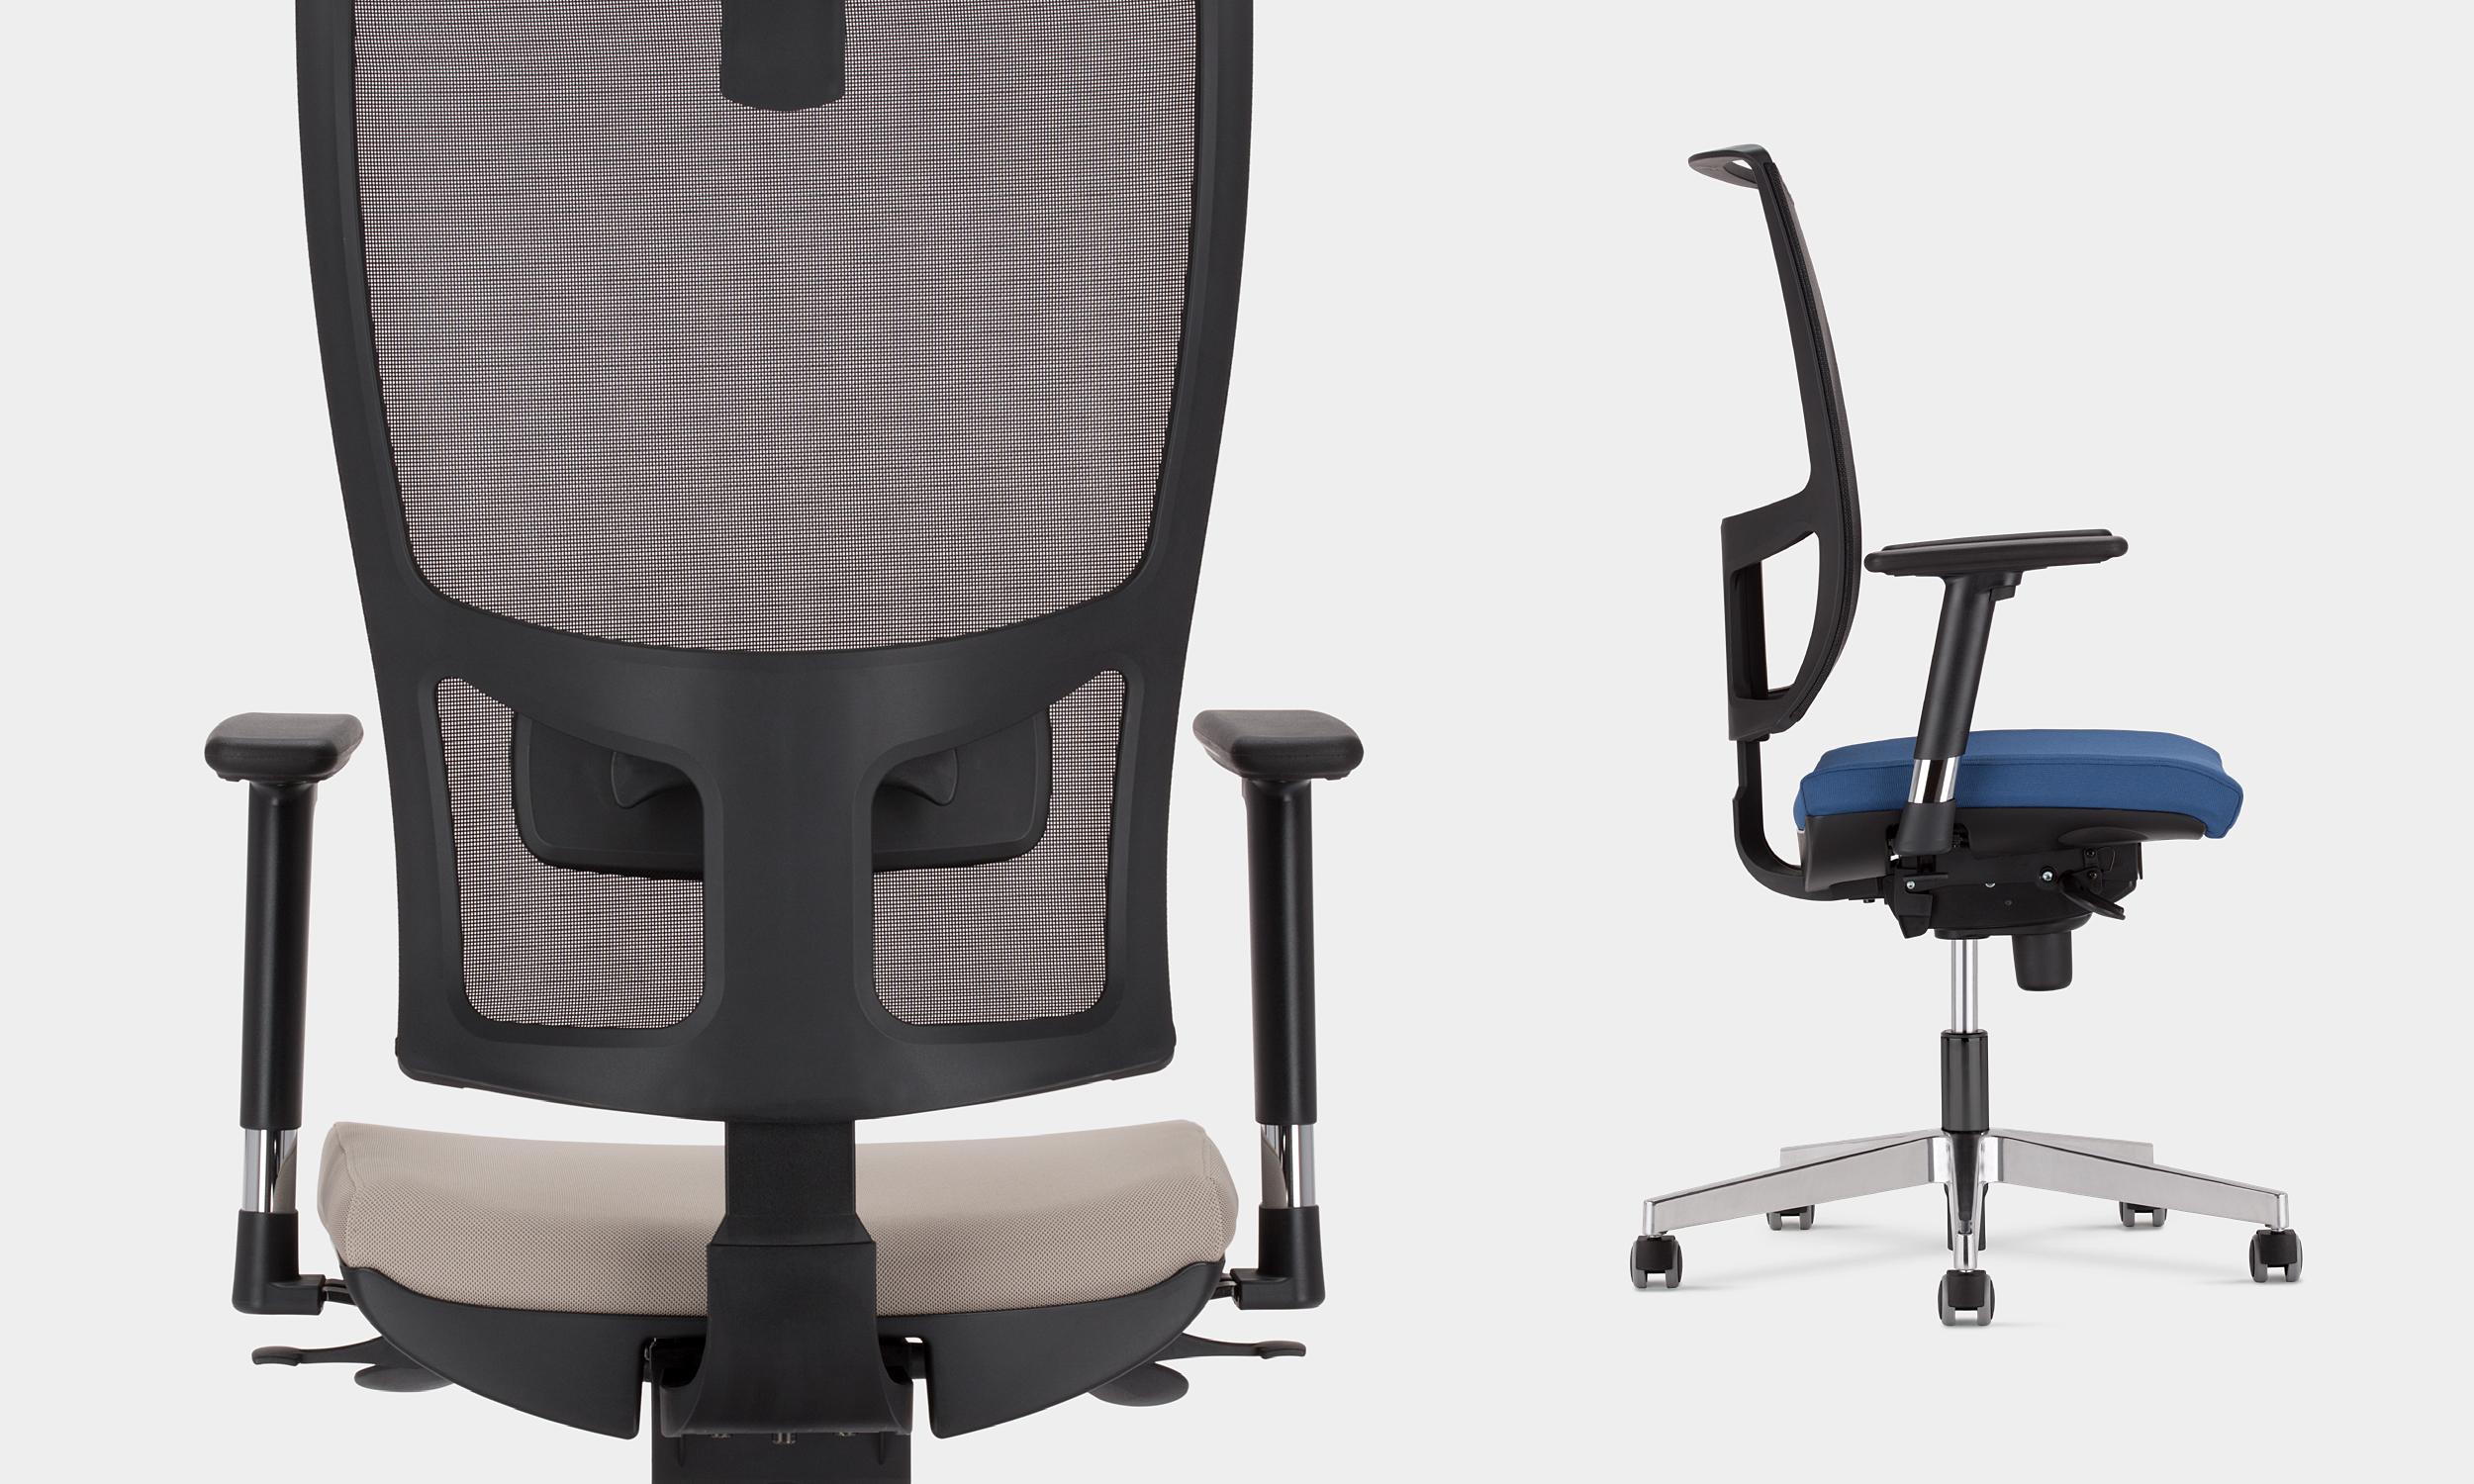 krzesło_Z-body Trade02